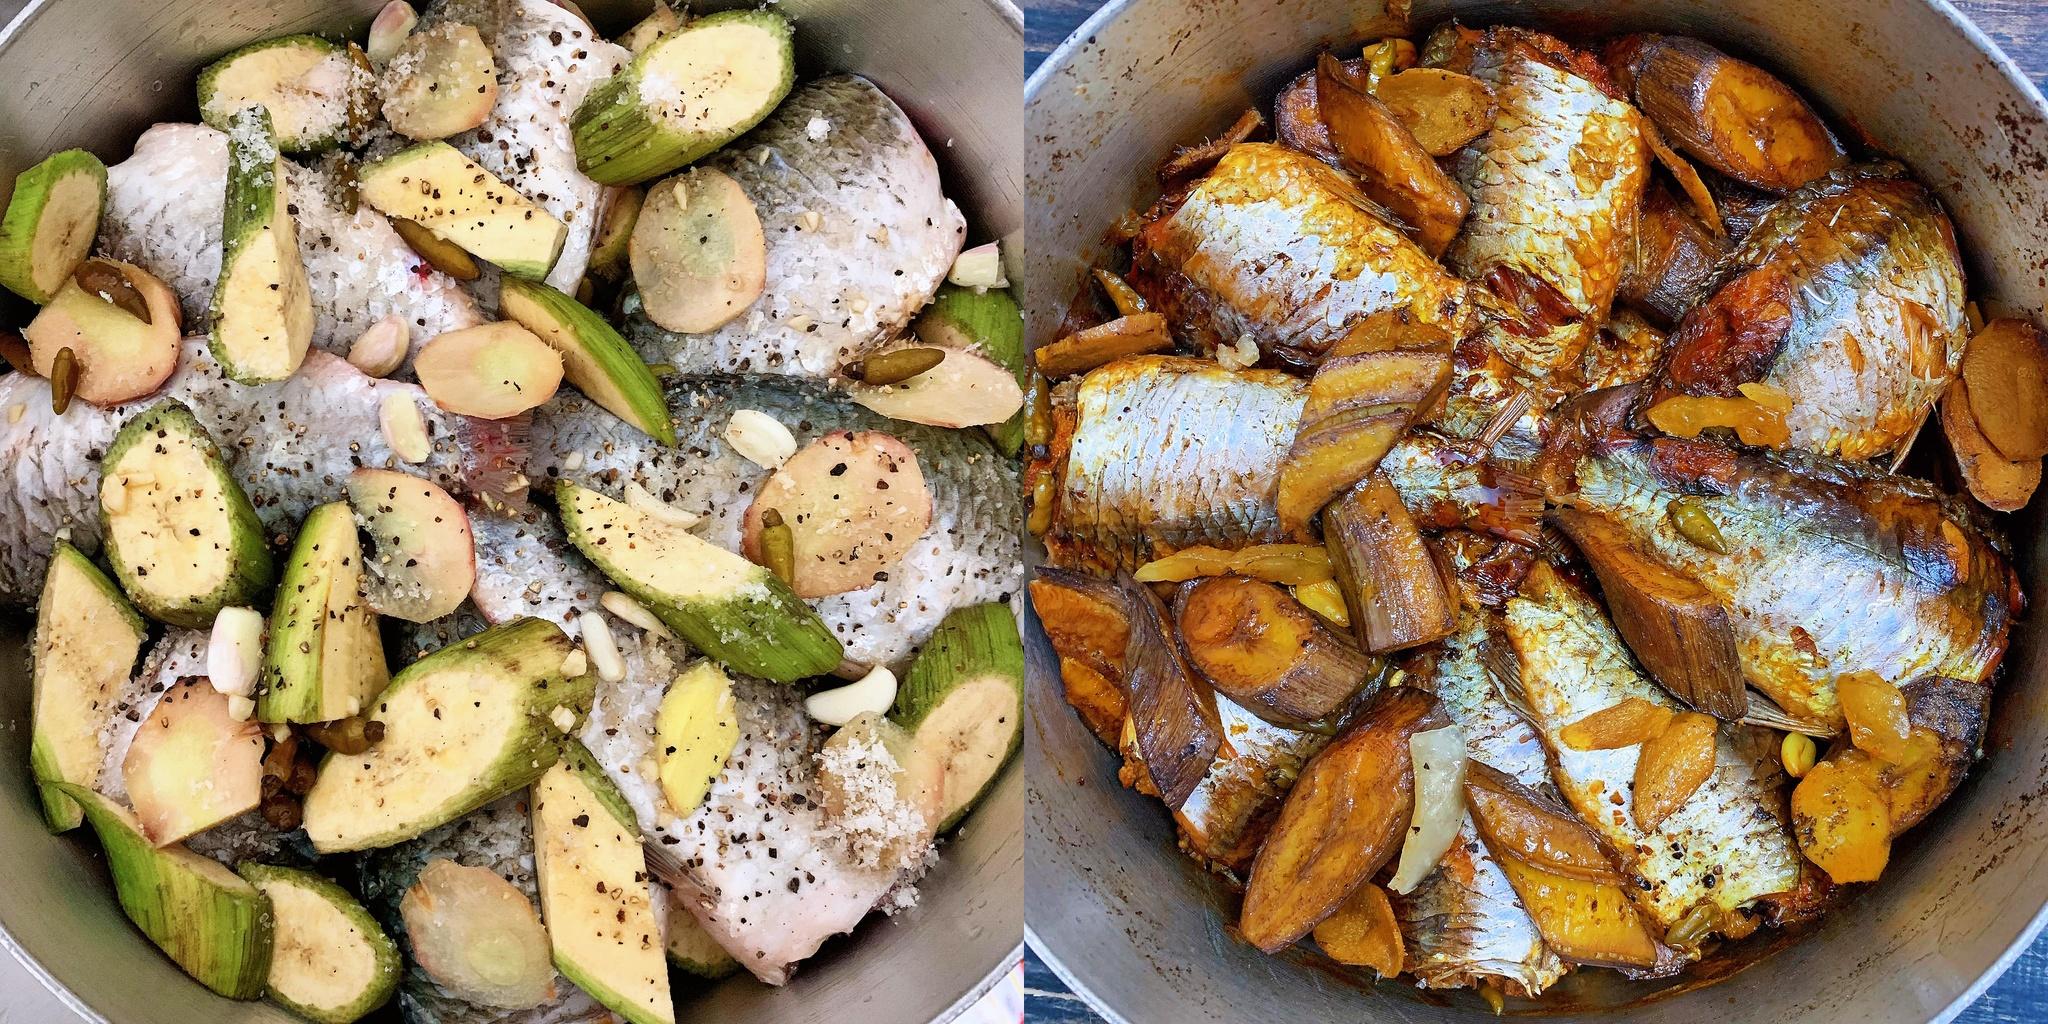 Cách kho cá với chuối xanh riềng thơm phức, đậm đà ngon cơm